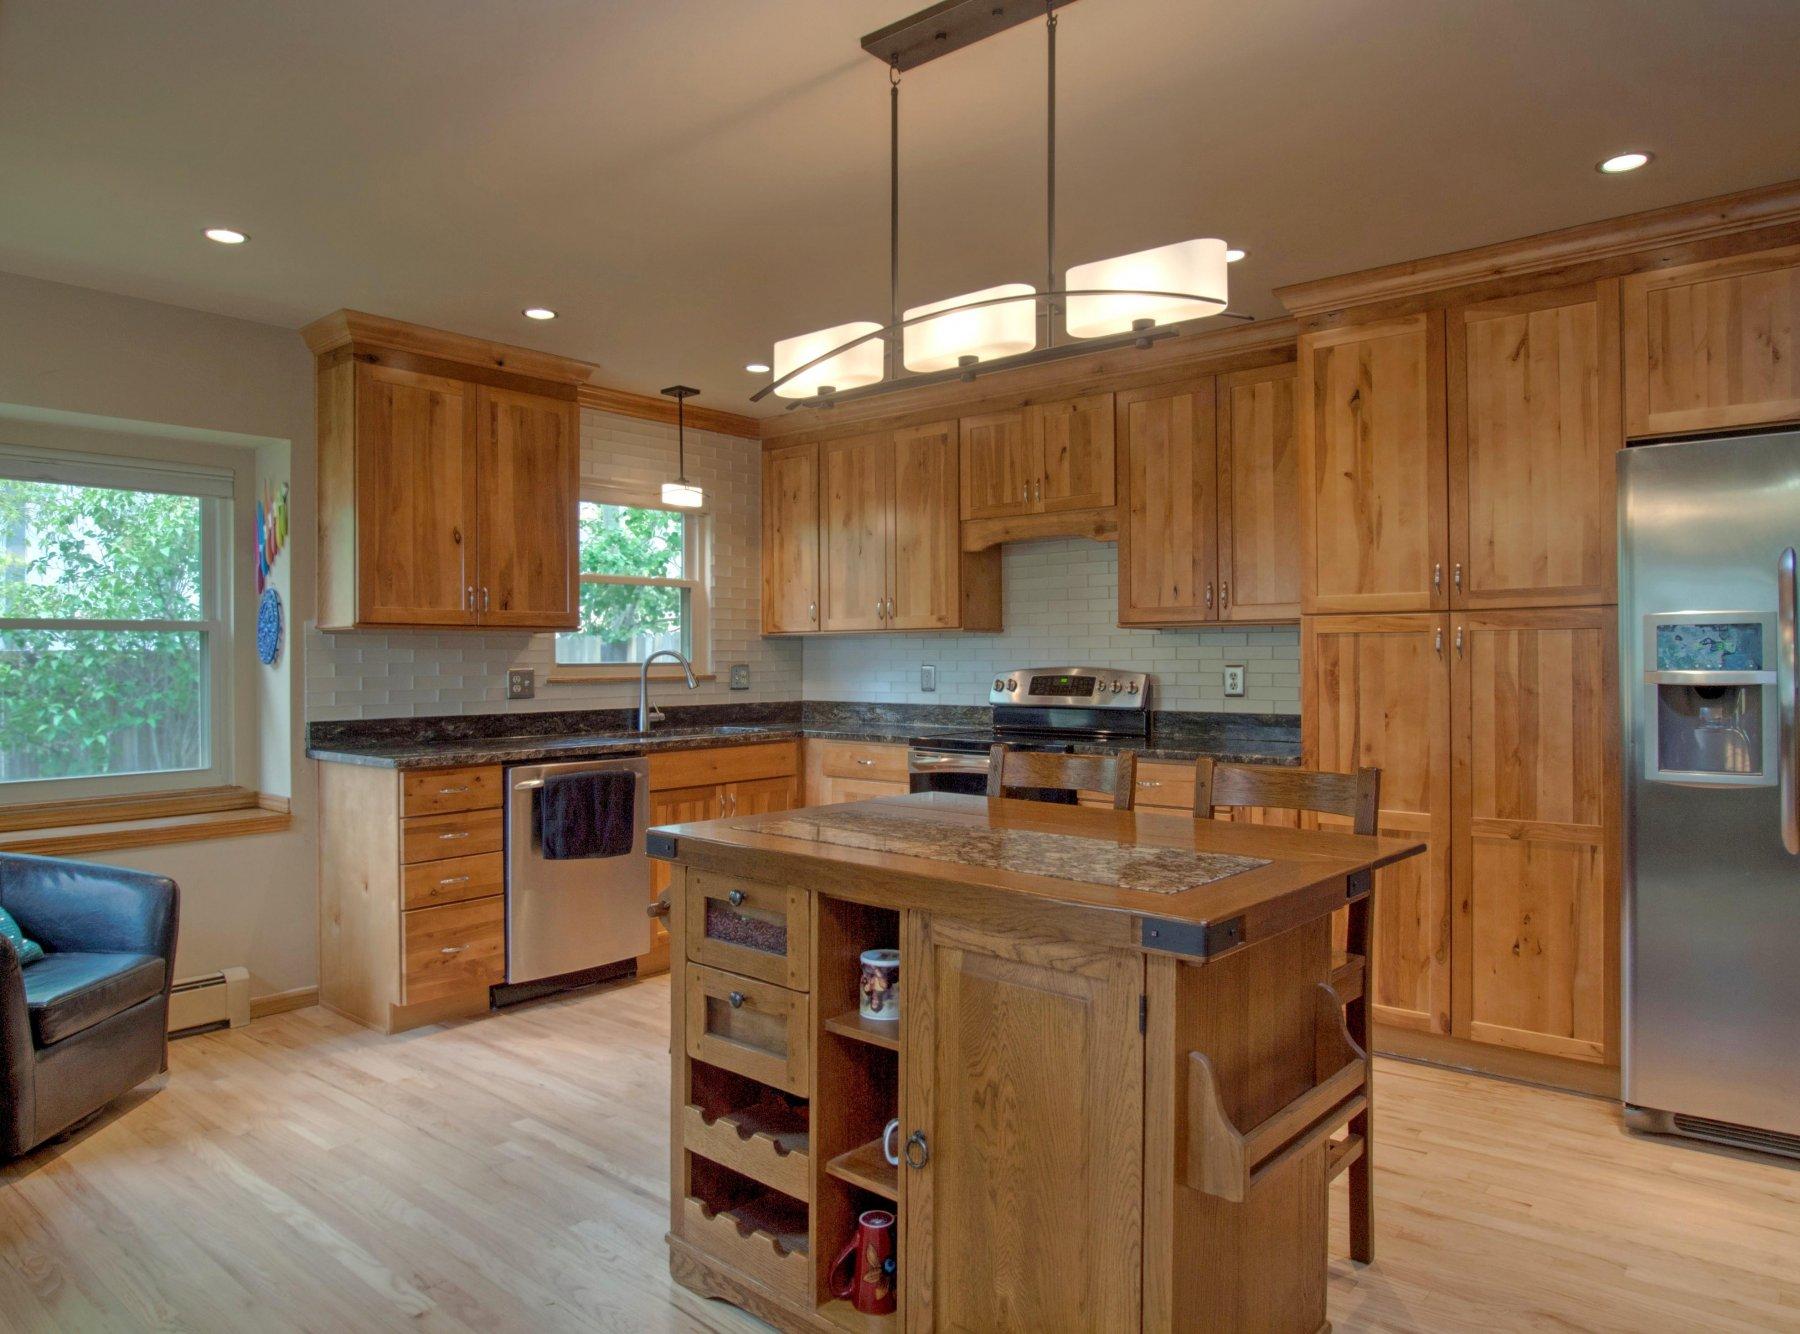 12-1561-Kitchen1.jpg